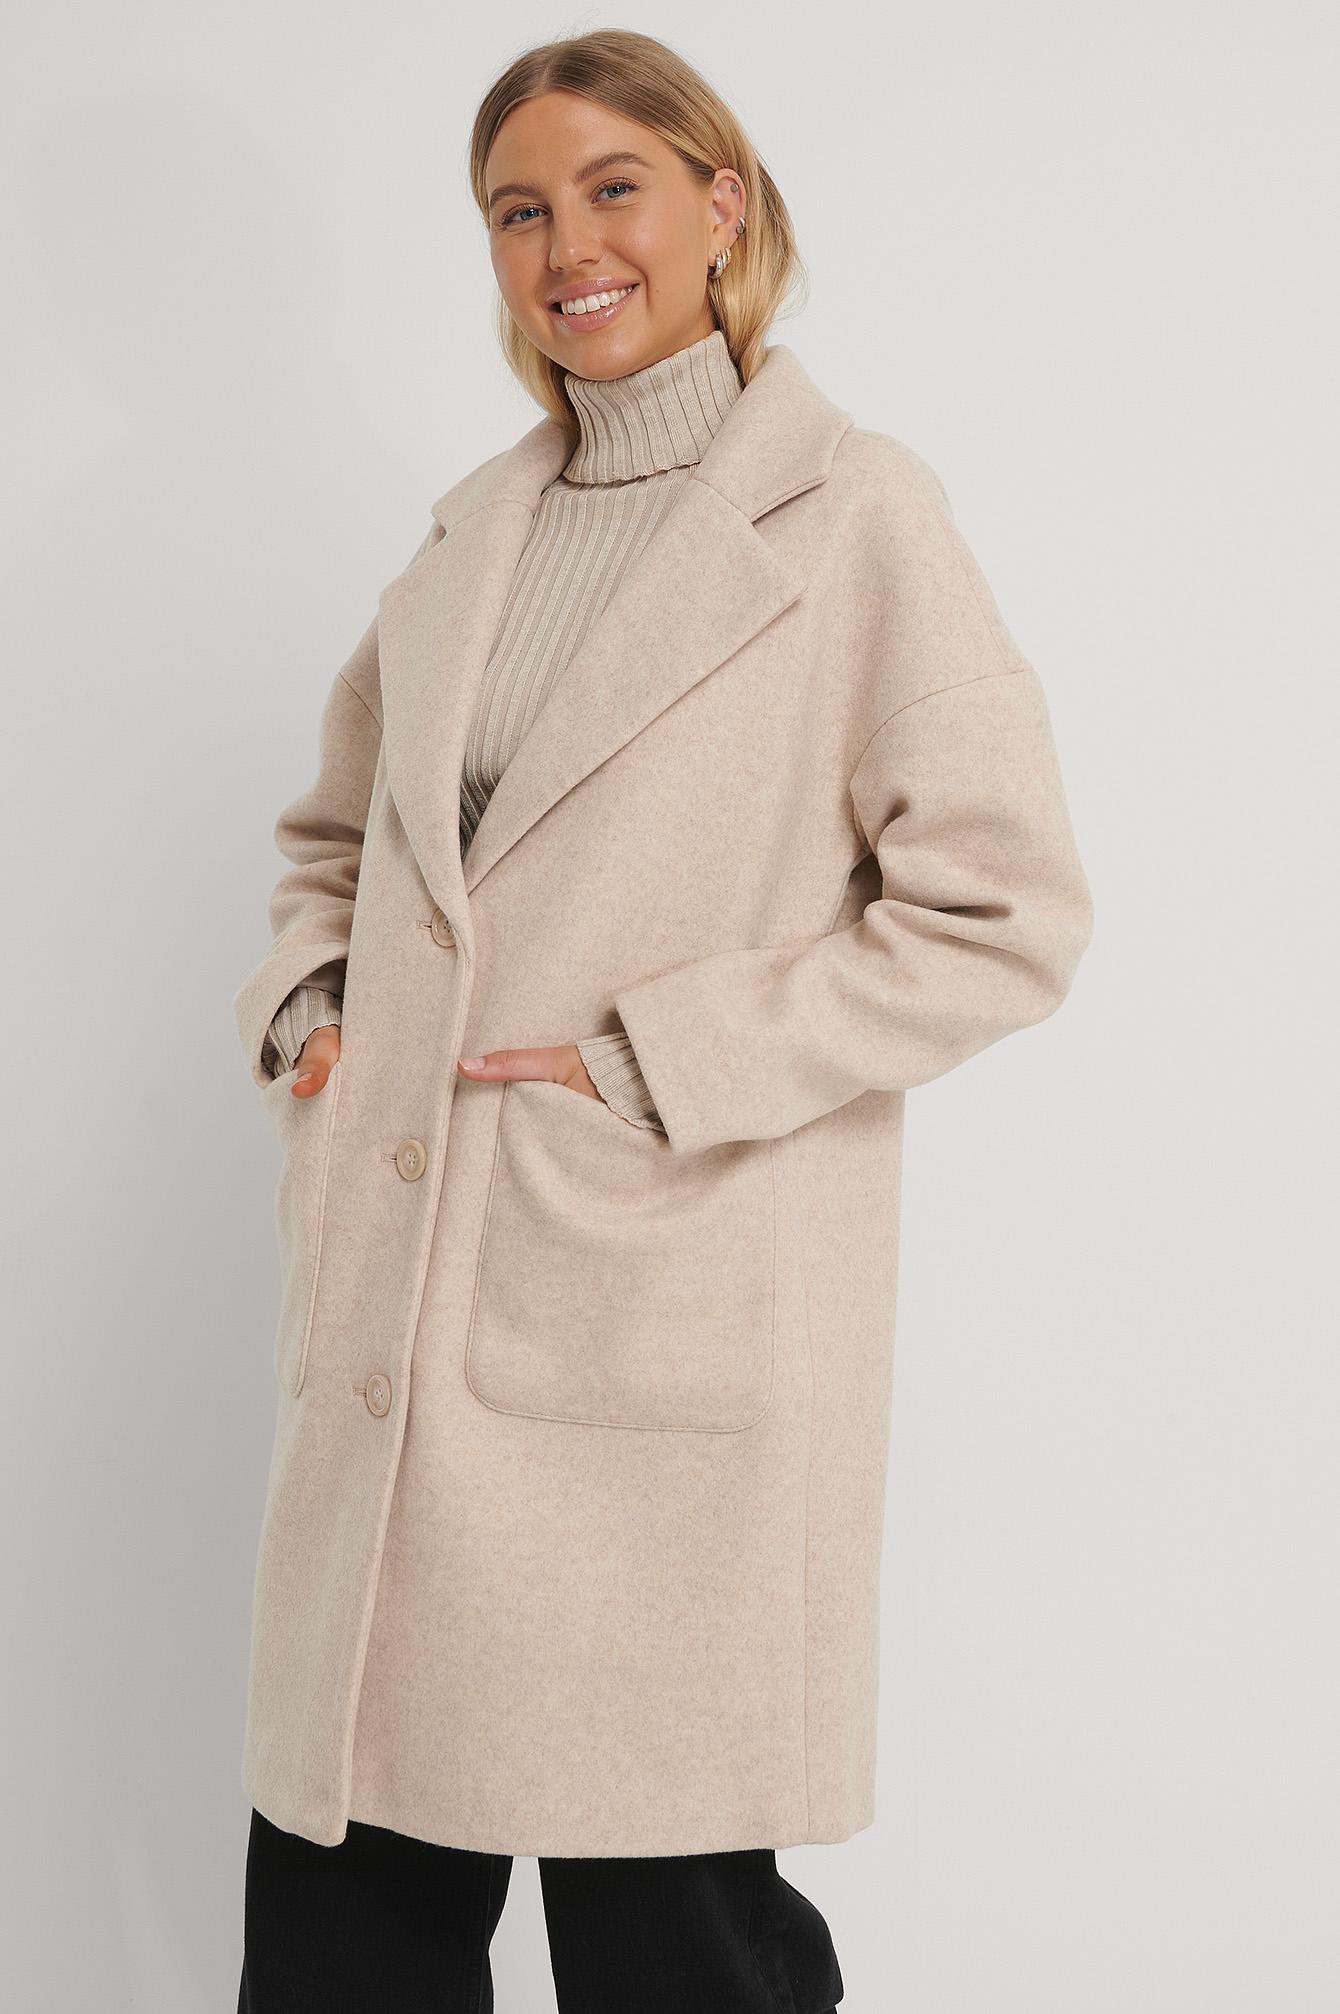 NA-KD Wool Blend Dropped Shoulder Coat - Beige